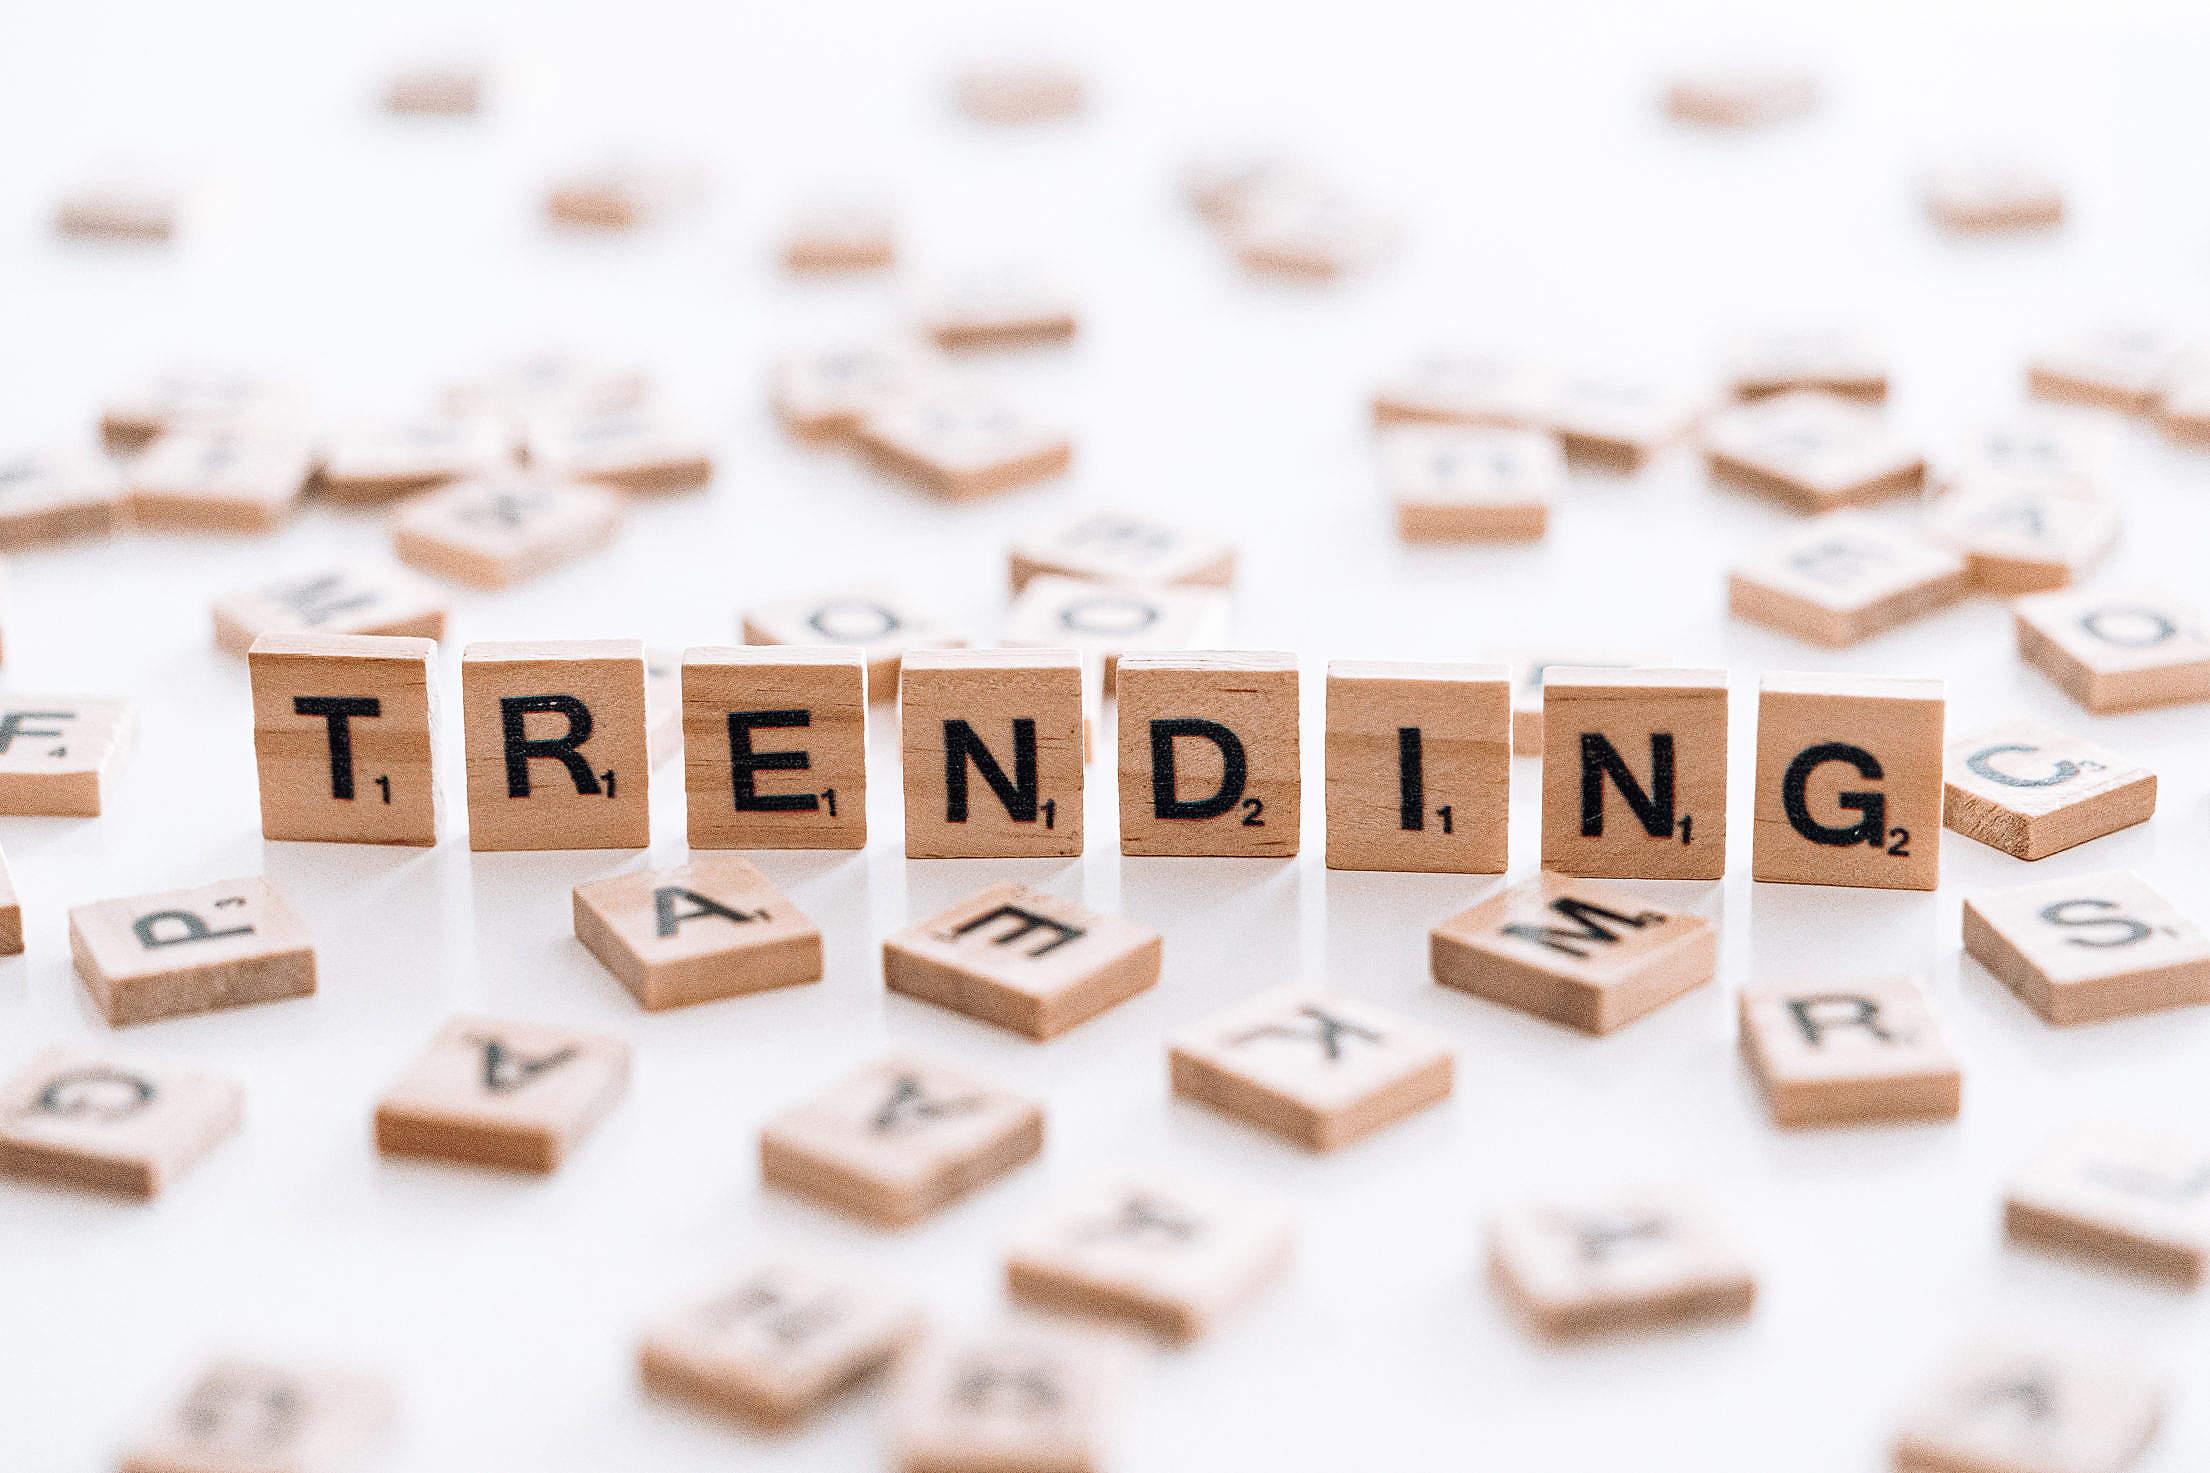 Trending Topics Free Stock Photo